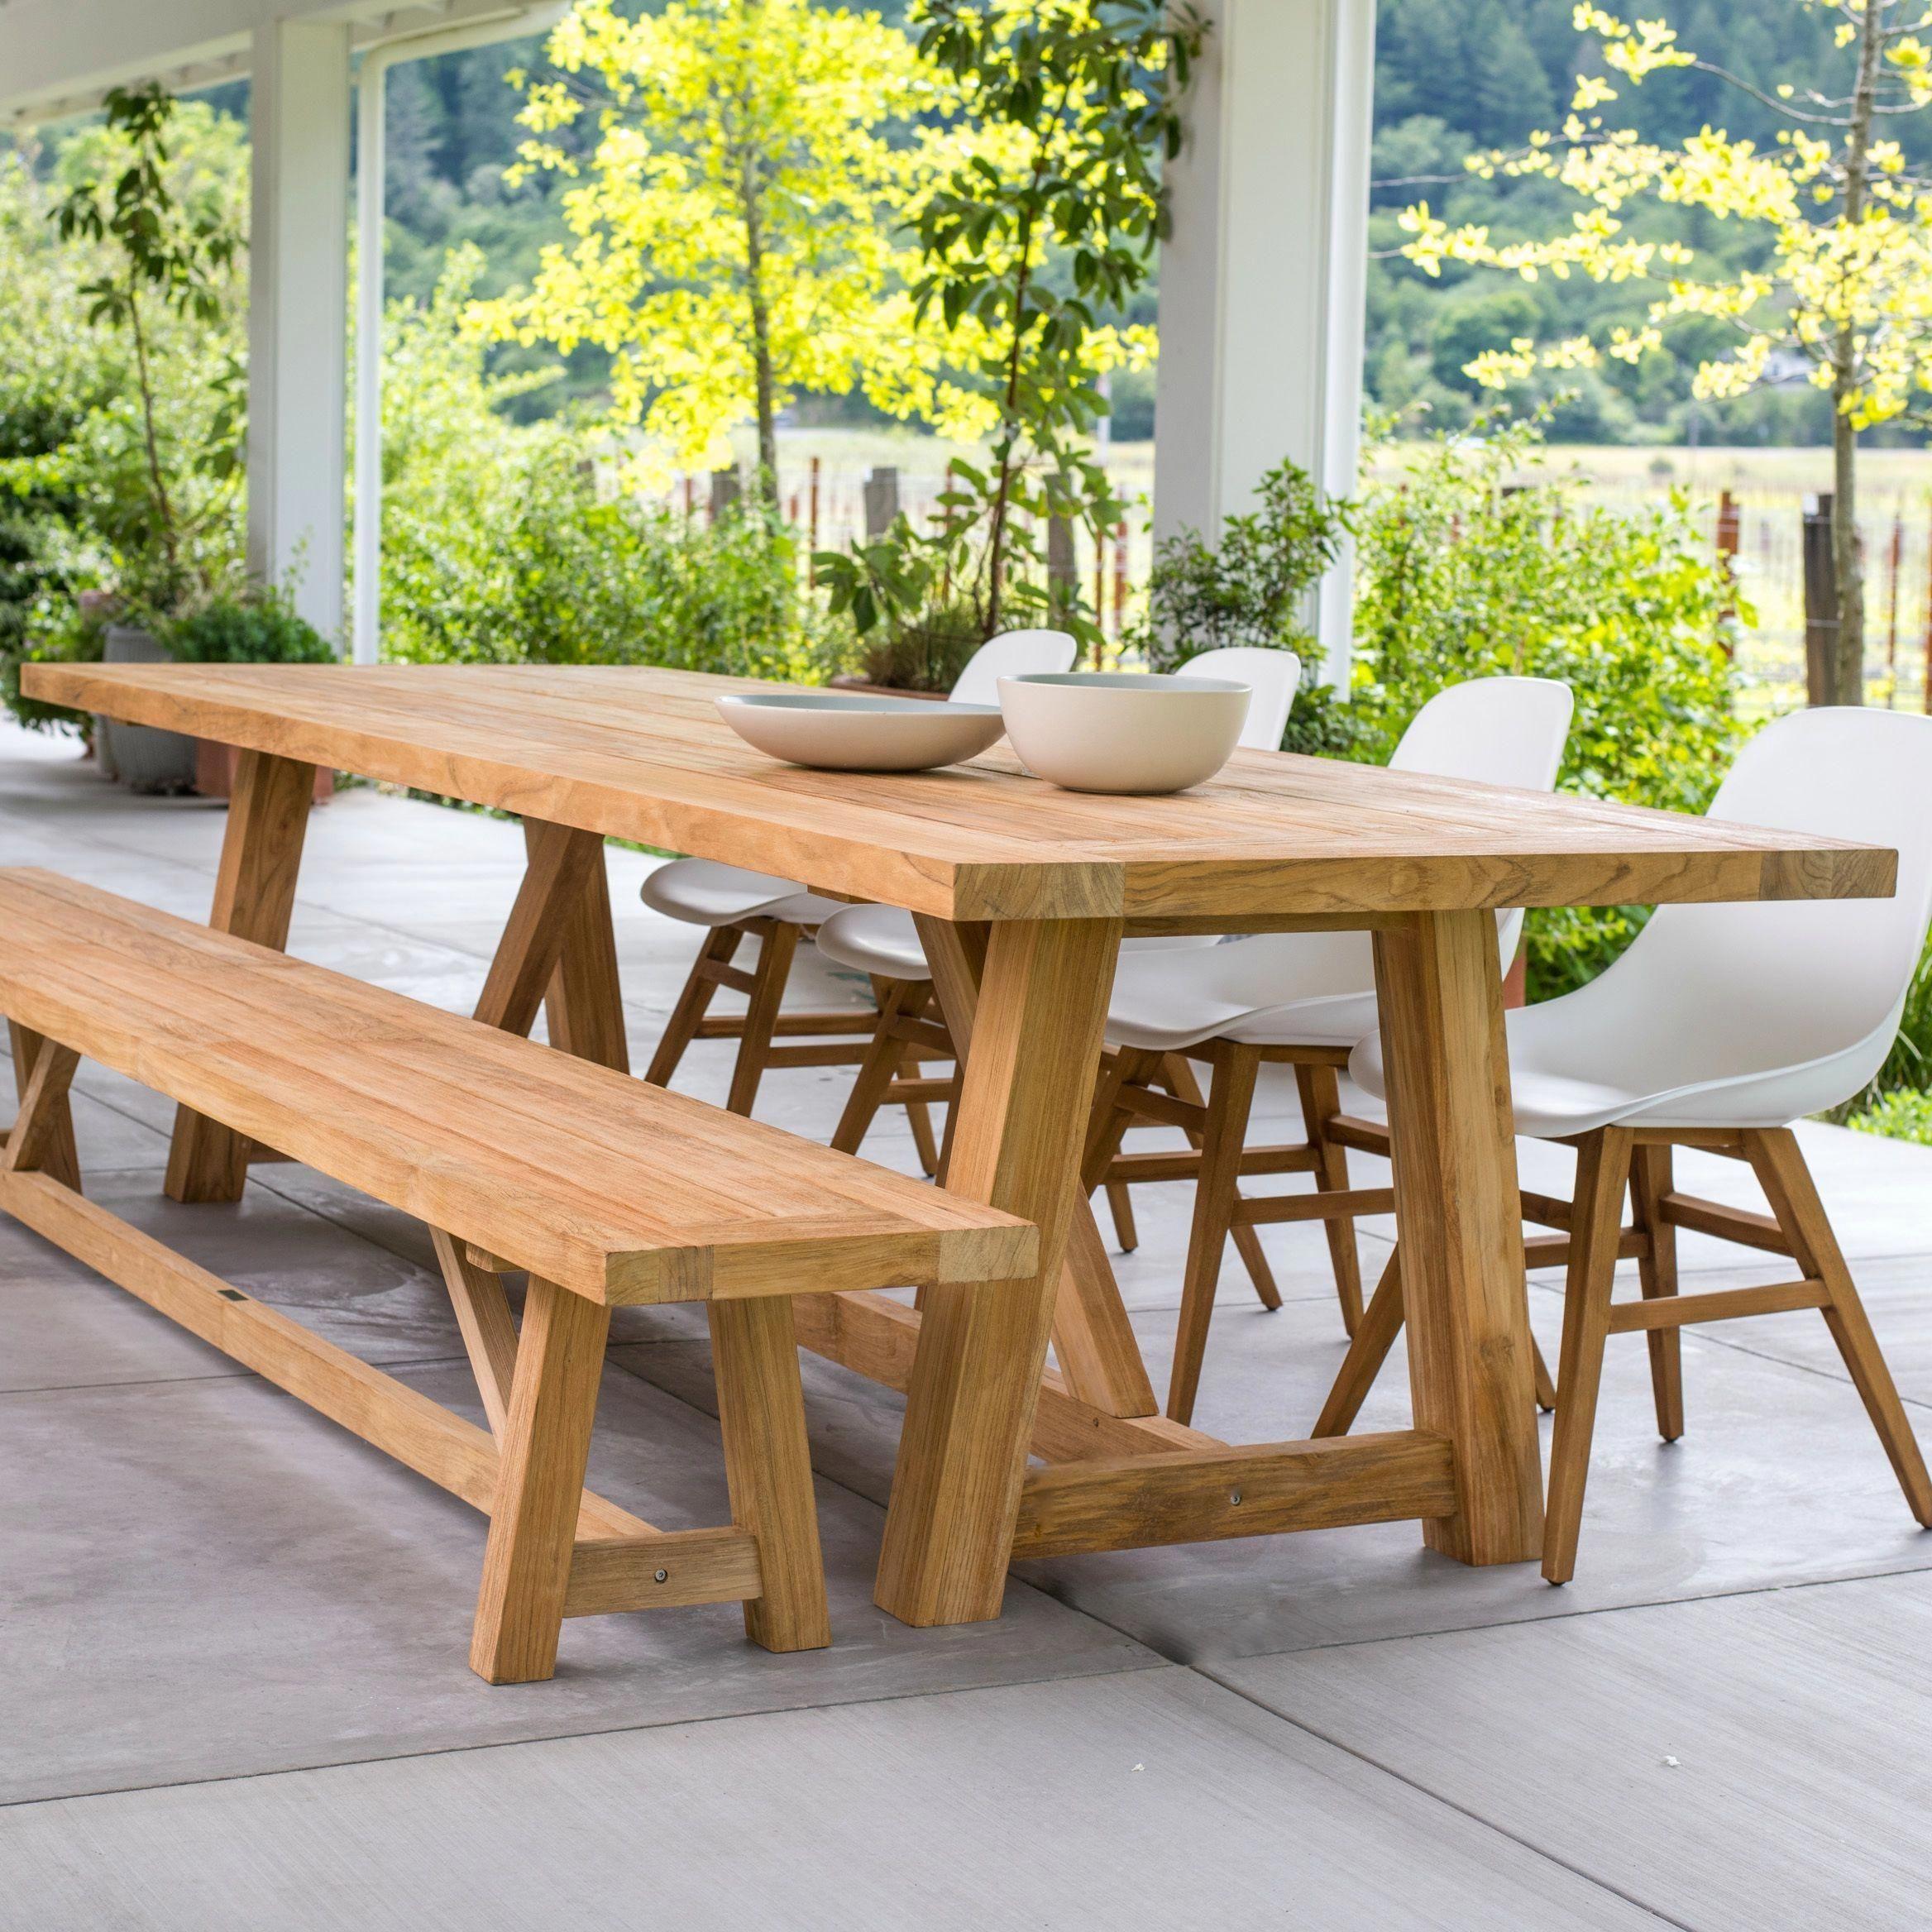 Vintage Beam Table In Teak Terra Outdoor Living Teak Patio Furniture Teak Outdoor Furniture Outdoor Wood Furniture